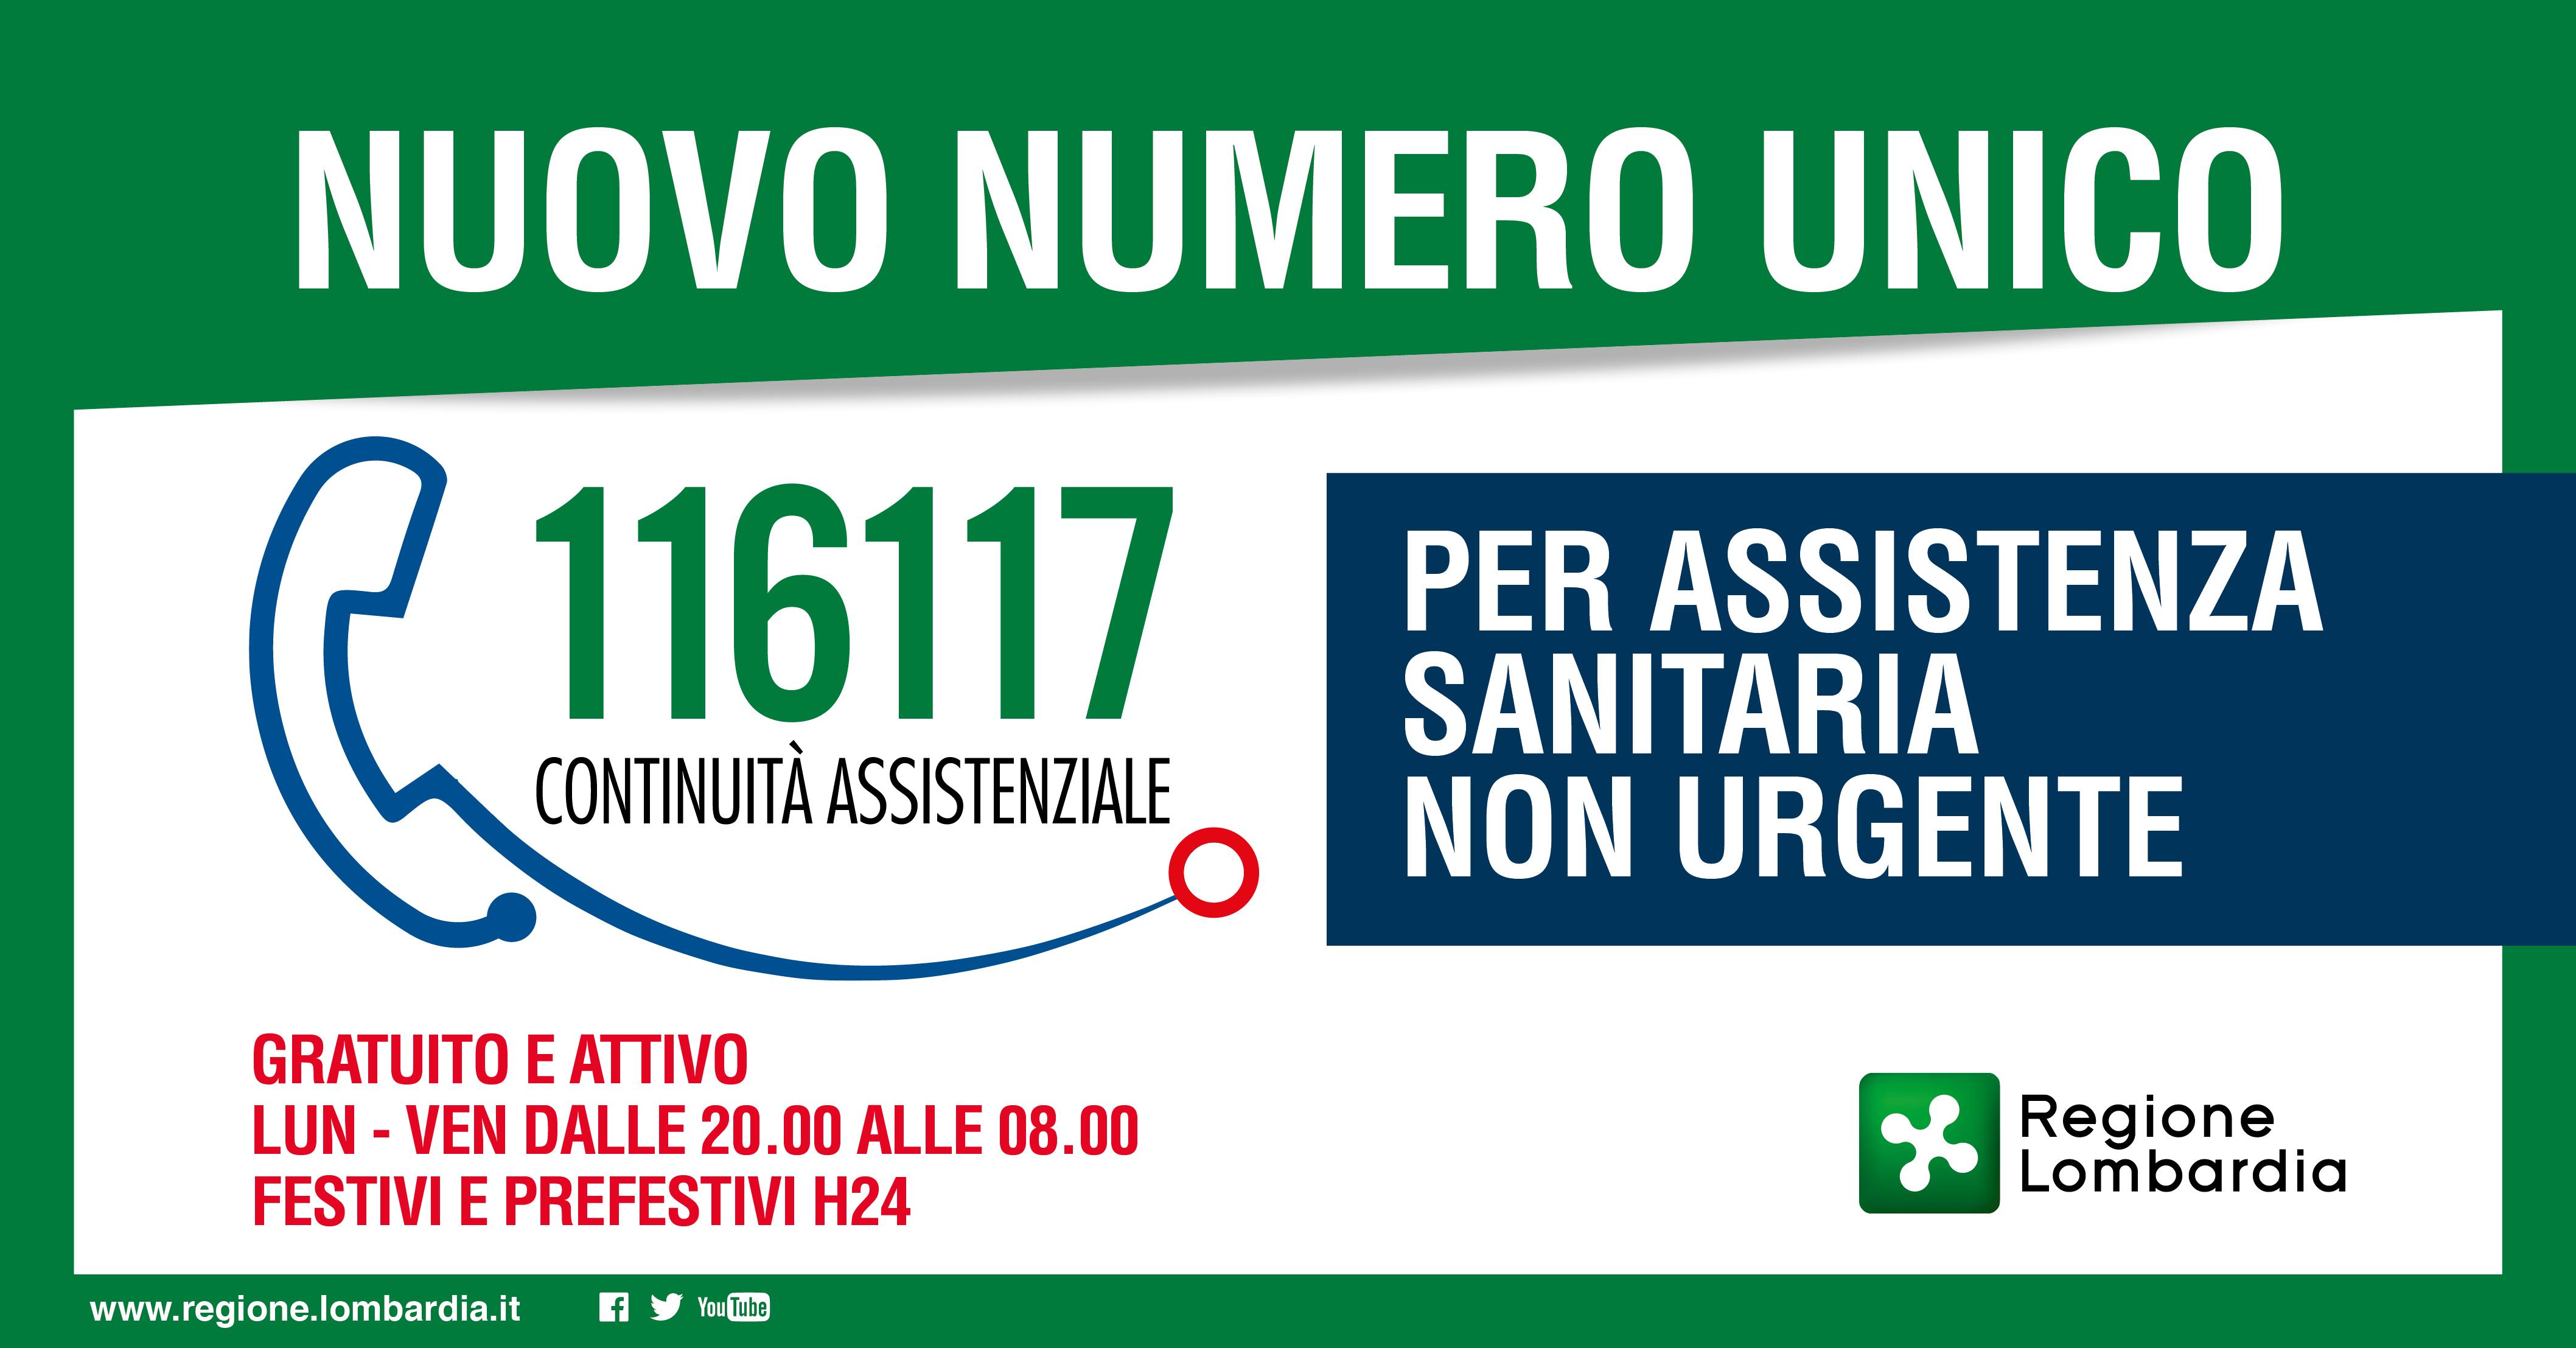 Numero Unico 116 117